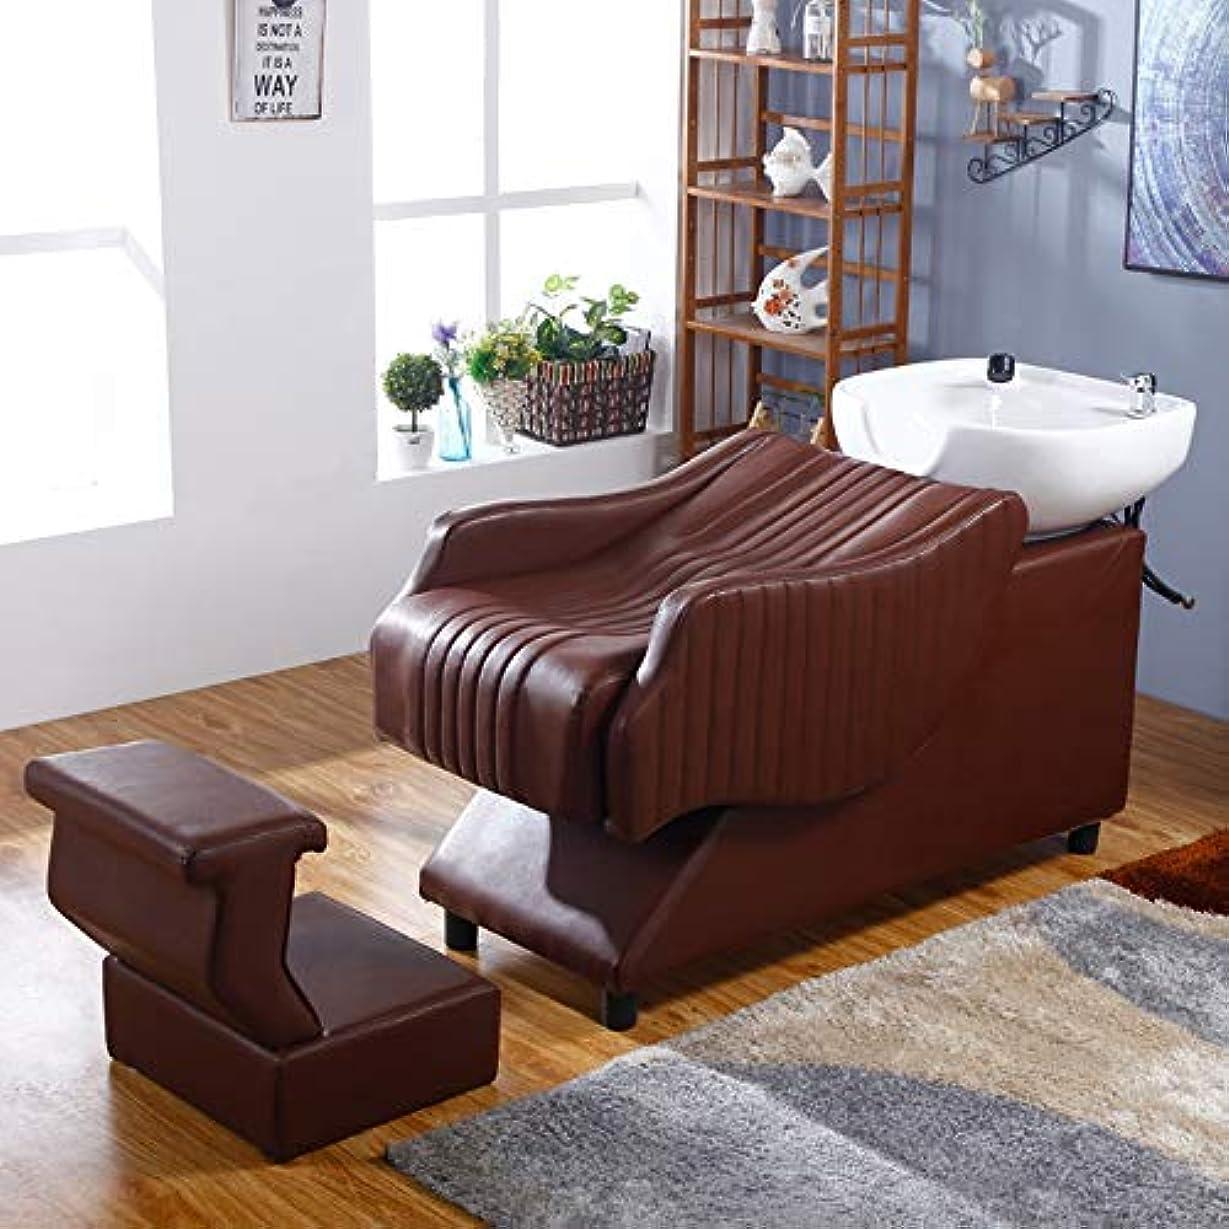 合計状況証言シャンプー理容室逆洗椅子、 鉱泉の美容院装置の毛の美のベッドのための半リカンベントシャンプーボールの流しの椅子